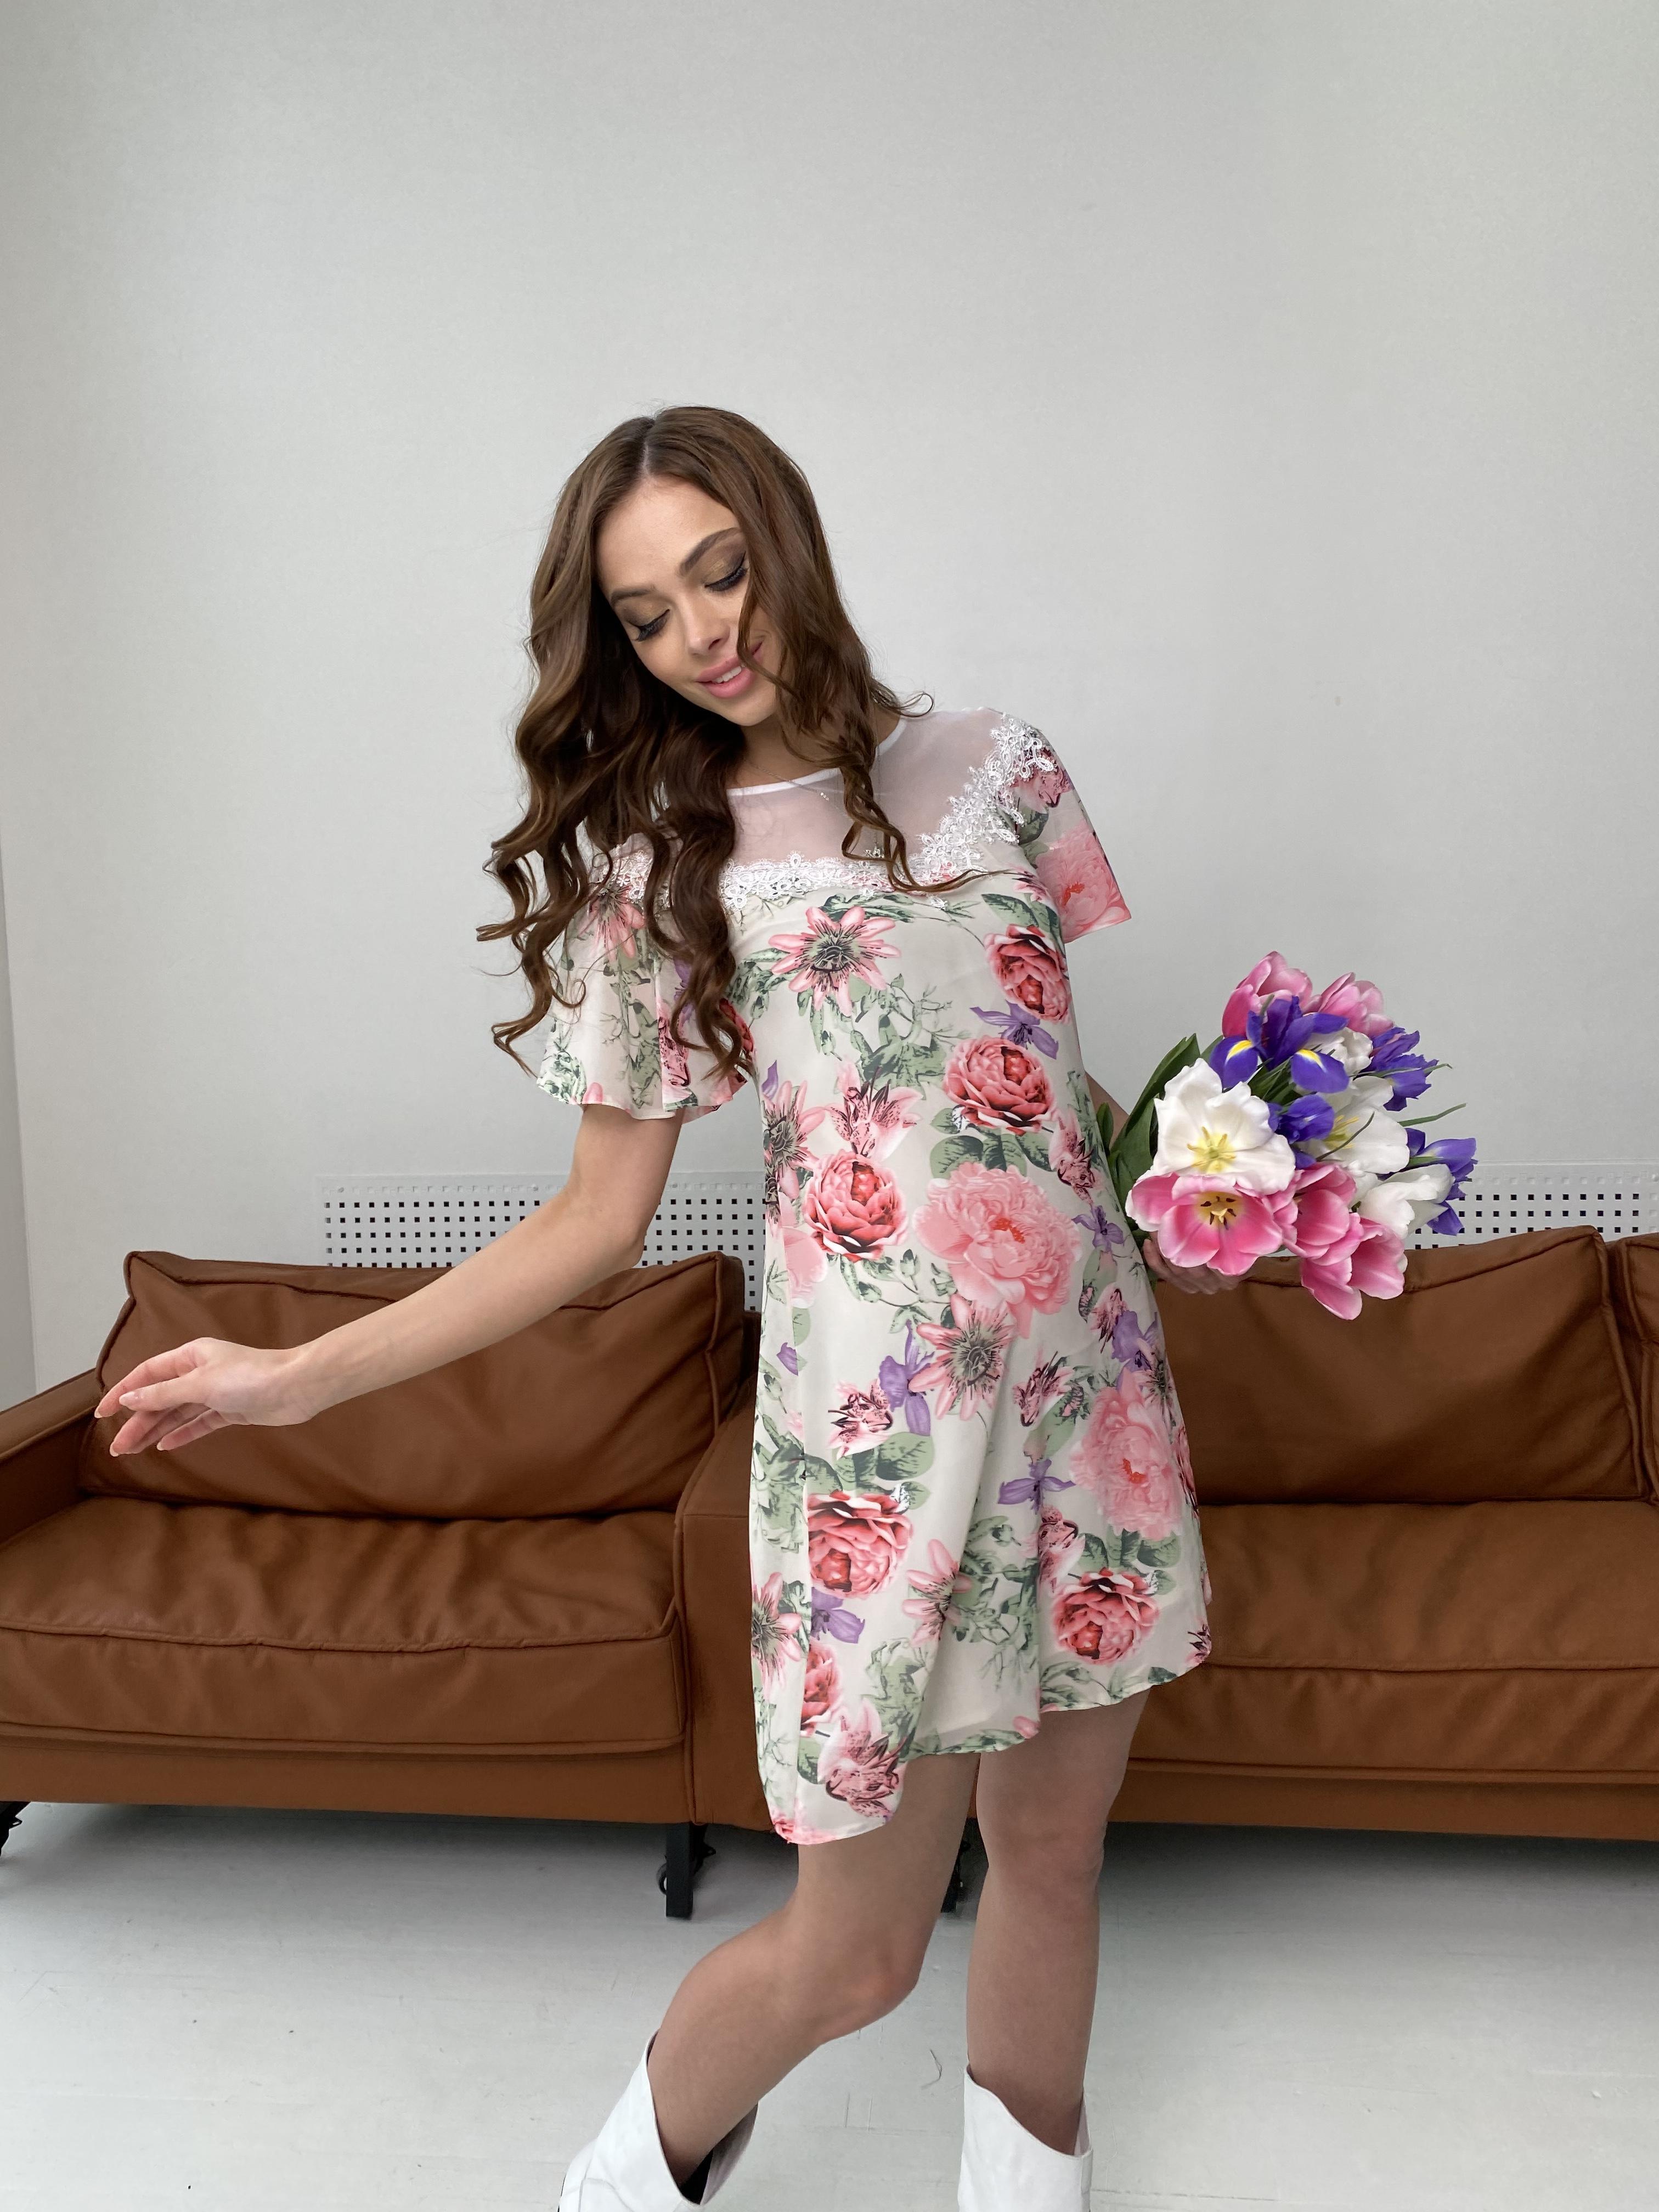 Эри платье из шифона с принтом 7136 АРТ. 42800 Цвет: Цветы комби беж - фото 4, интернет магазин tm-modus.ru